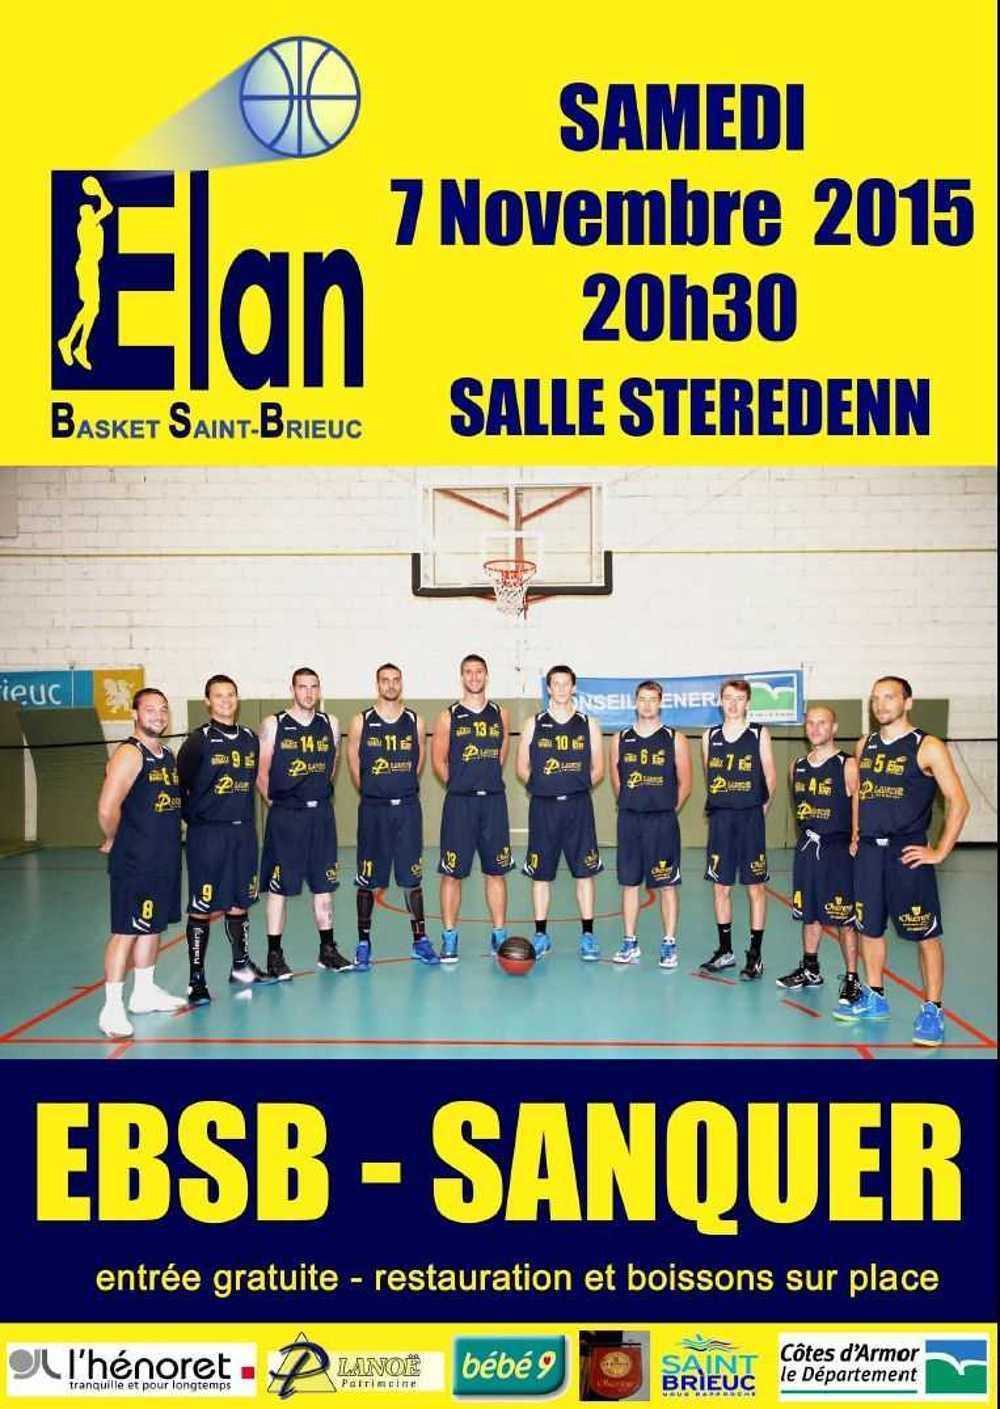 L''Elan Basket rencontre Sanquer le 7 novembre à 20h30, salle Steredenn clipboard-2